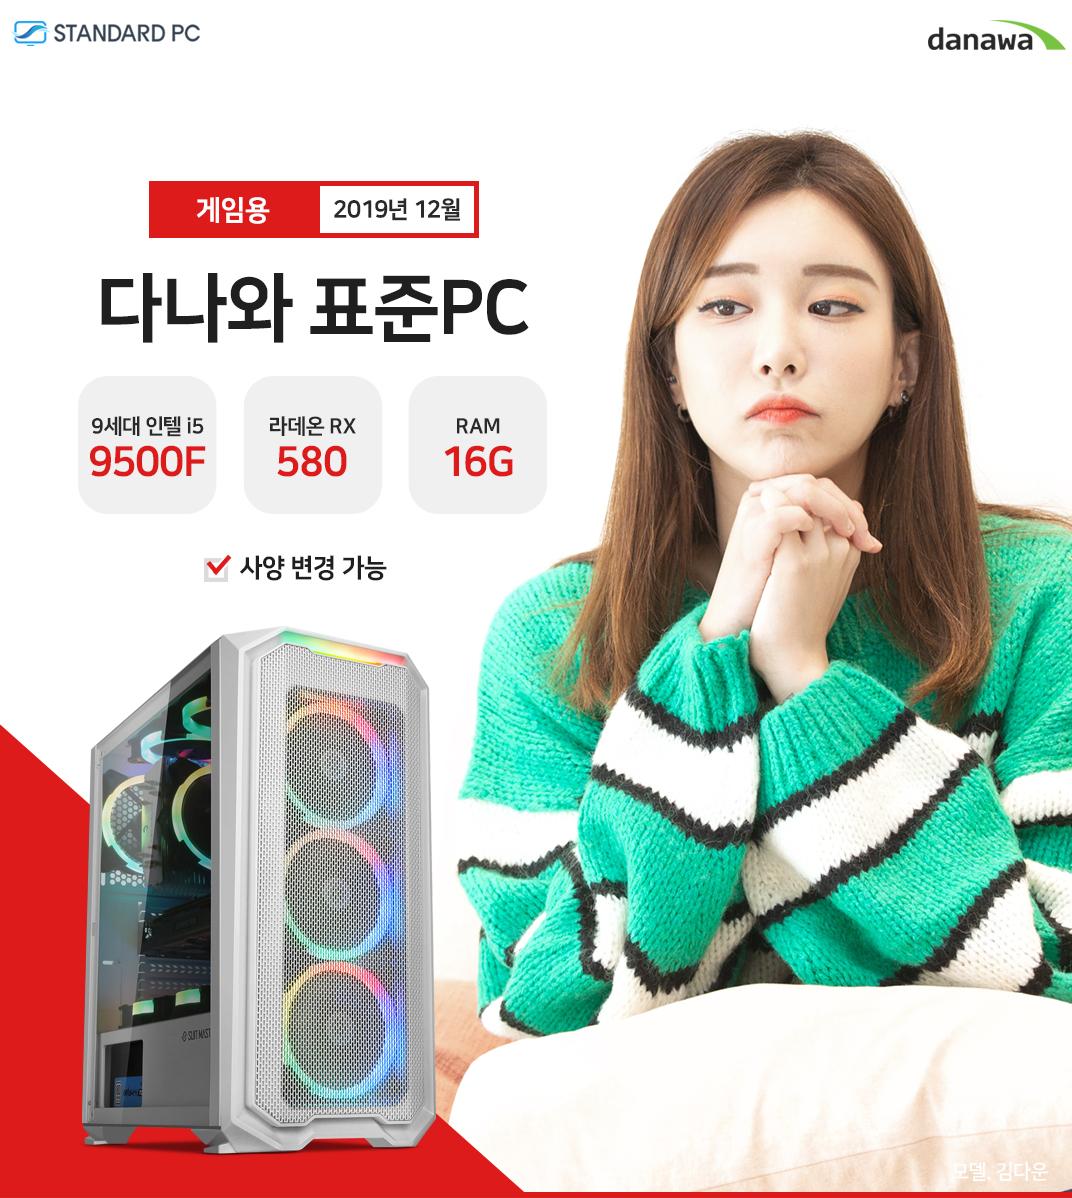 2019년 12월 다나와 표준PC 게이밍용 intel i5-9세대 9500F RX580 RAM 16G 모델 김다운